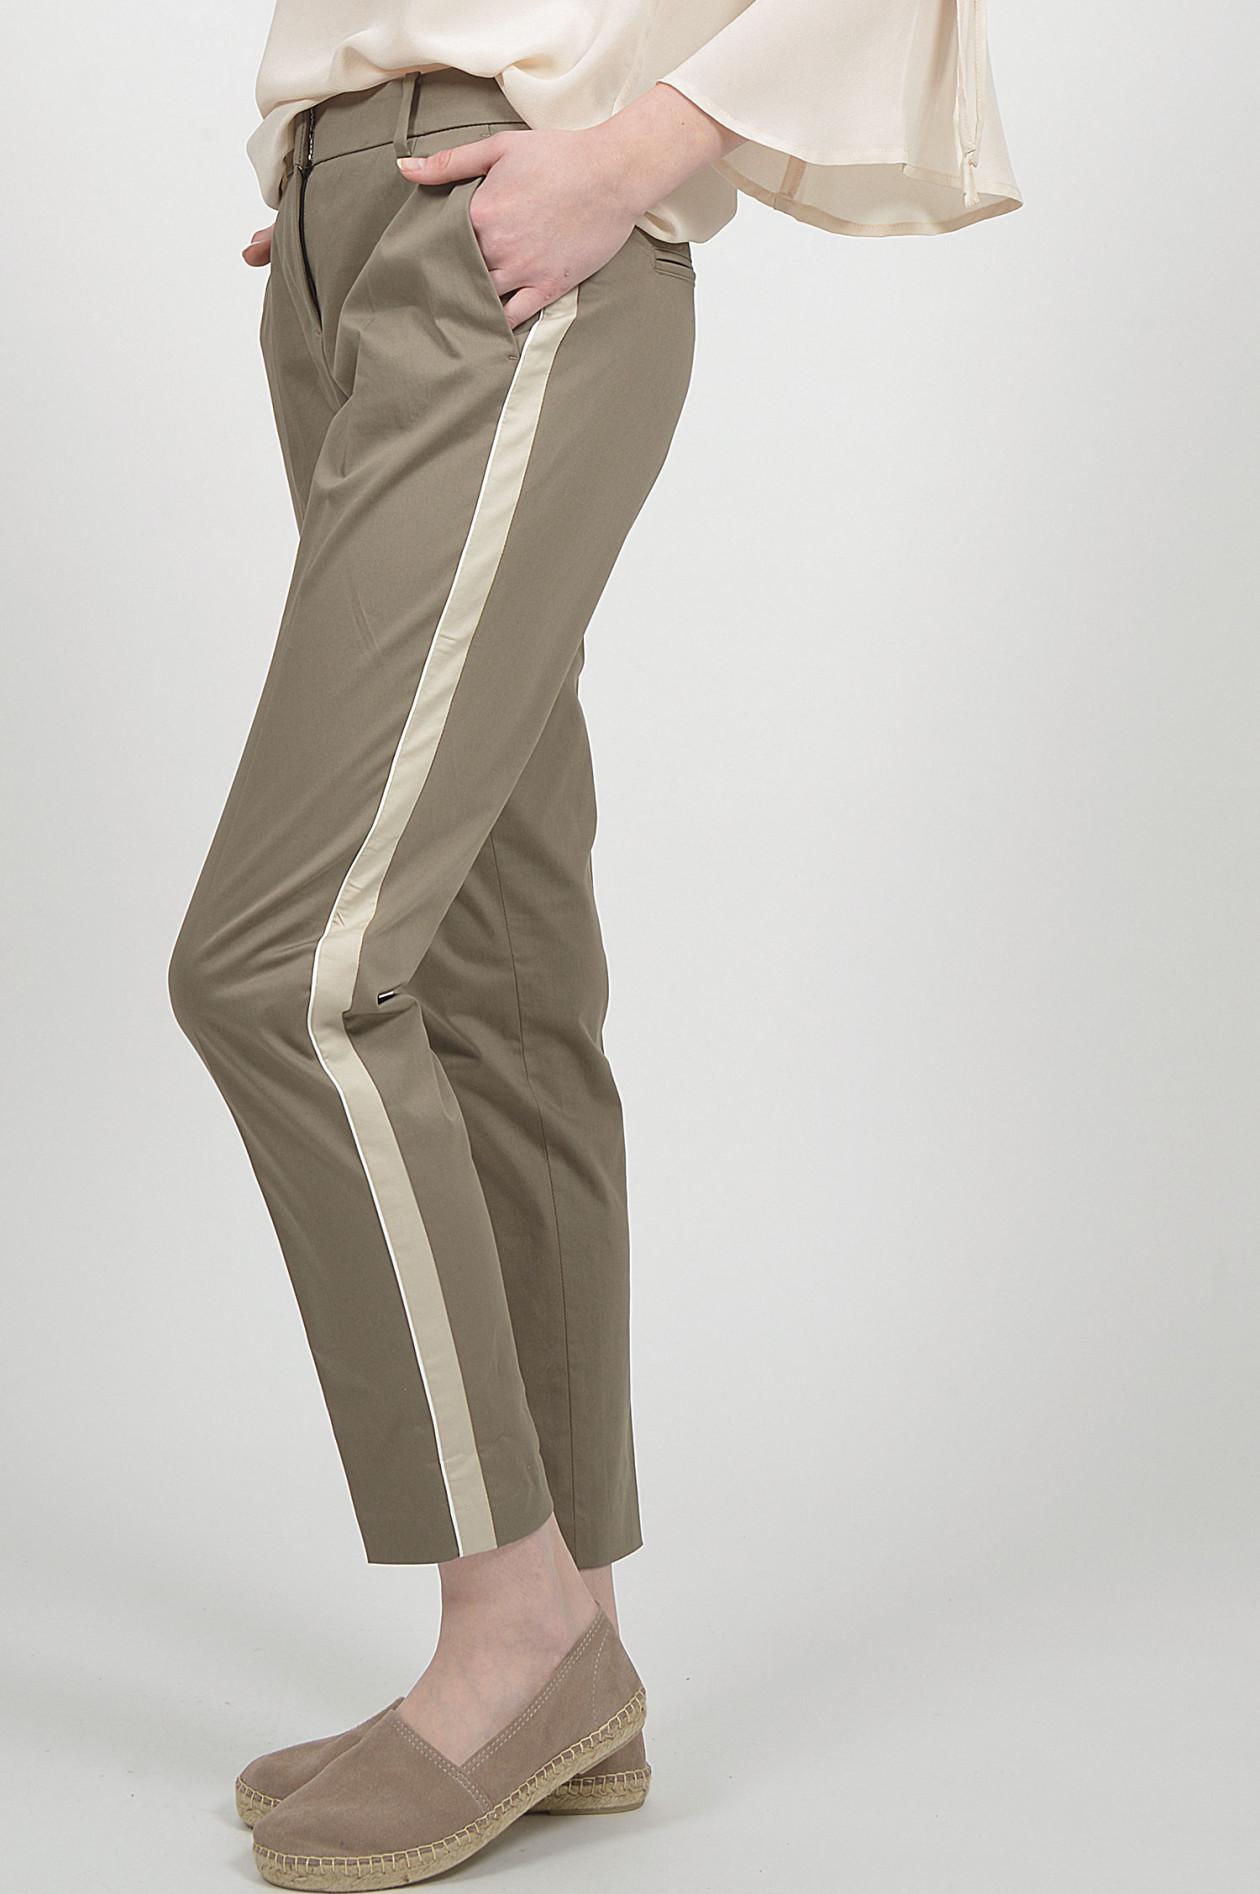 schön und charmant klassisch große Vielfalt Modelle Hose mit Galonstreifen in Braun/Beige